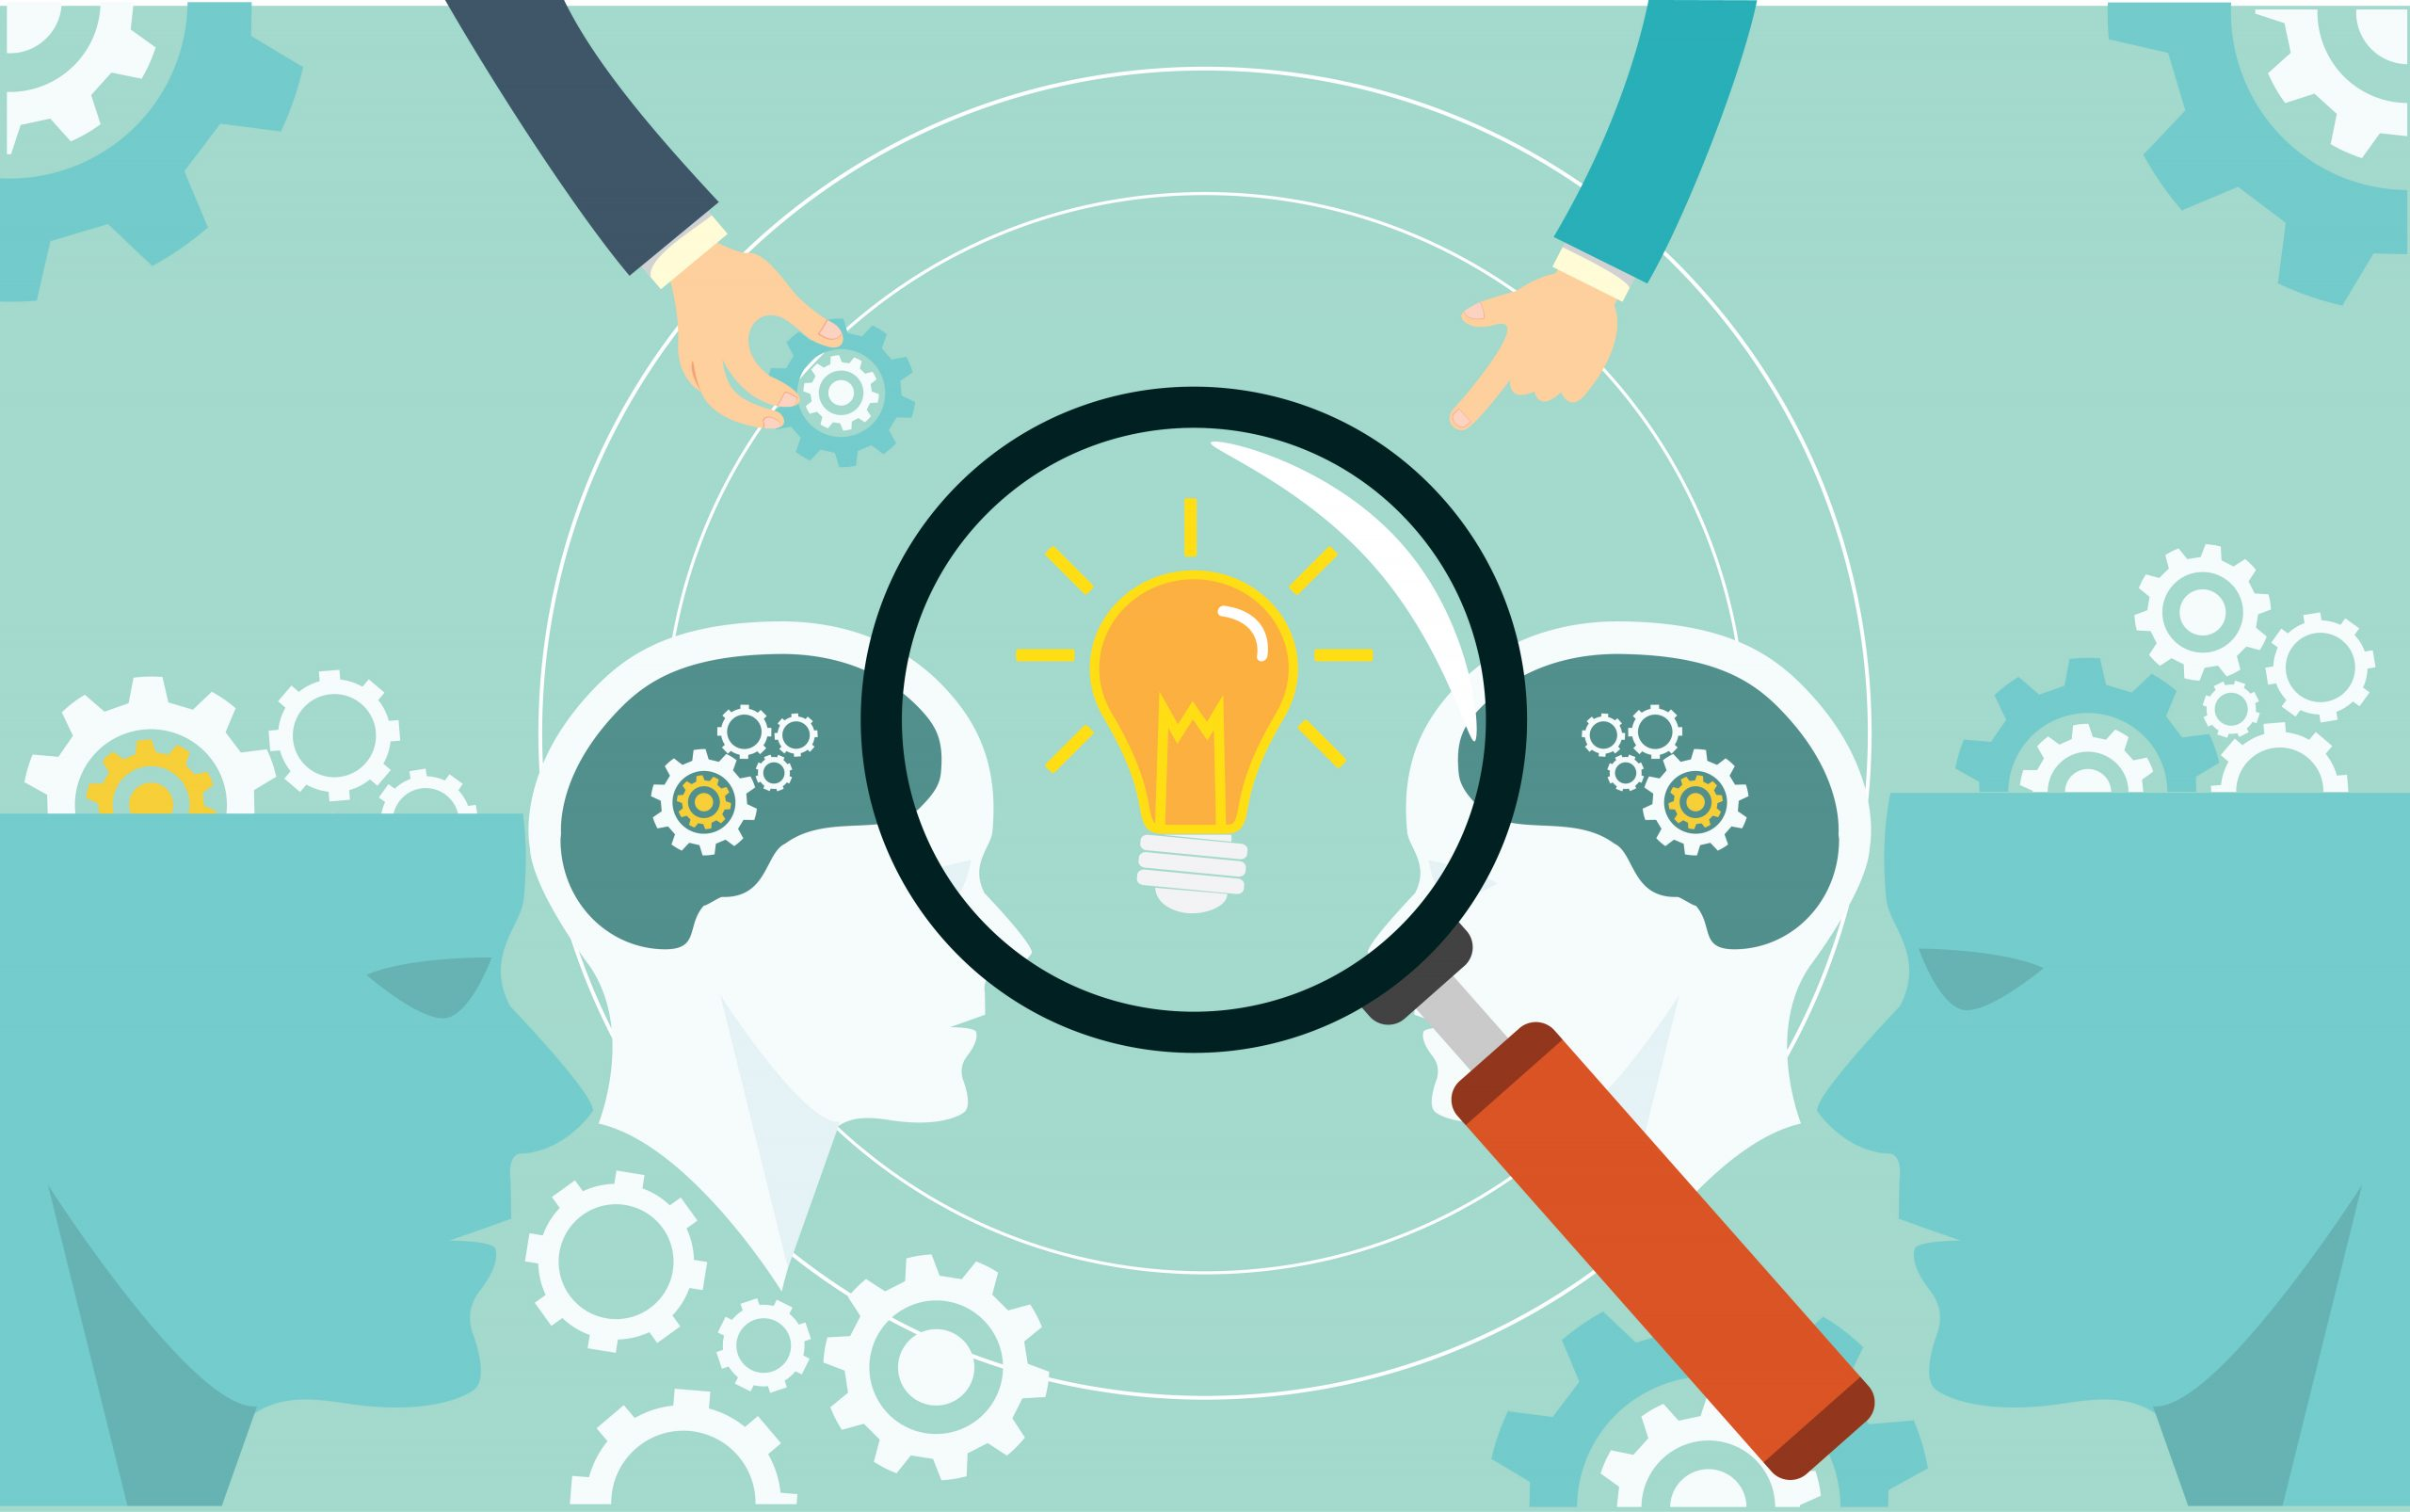 Manifattura: come portare valore all'ecosistema con l'open innovation! L'evento by Cluster Fabbrica Intelligente (7 ottobre)